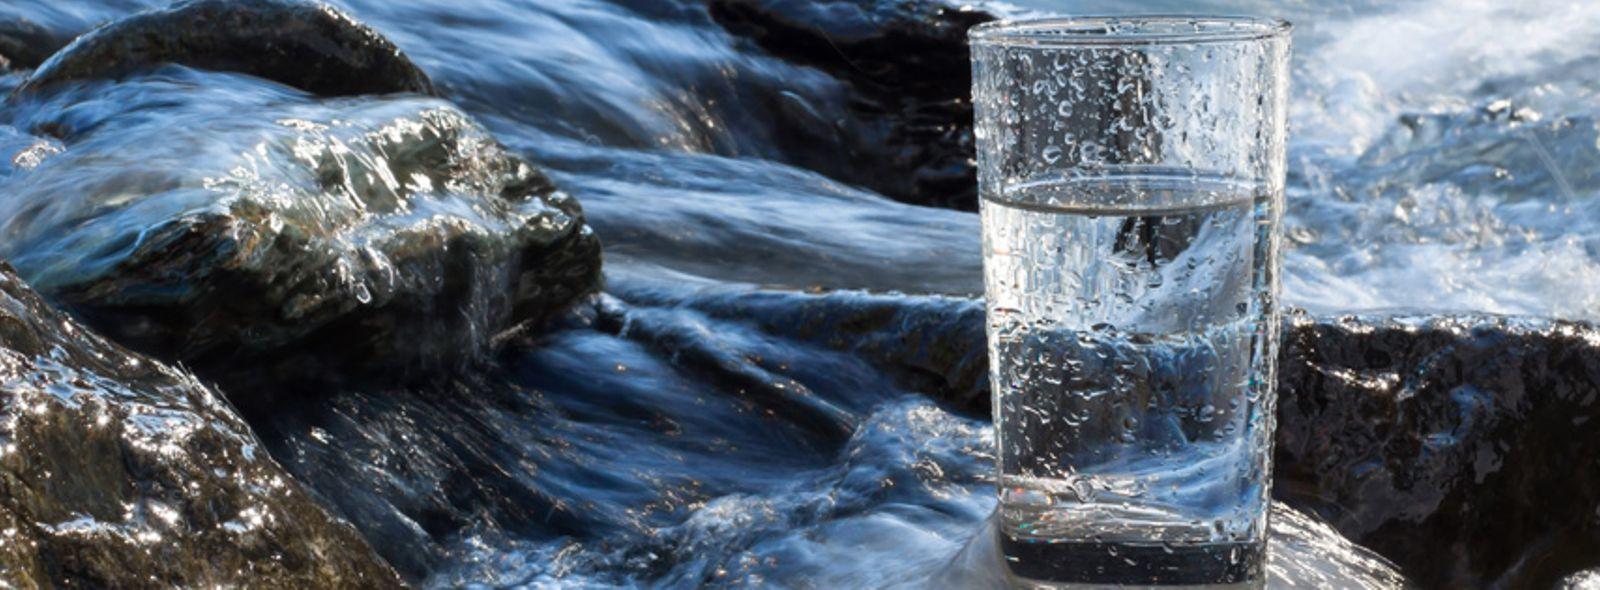 Quanta acqua bere per dimagrire